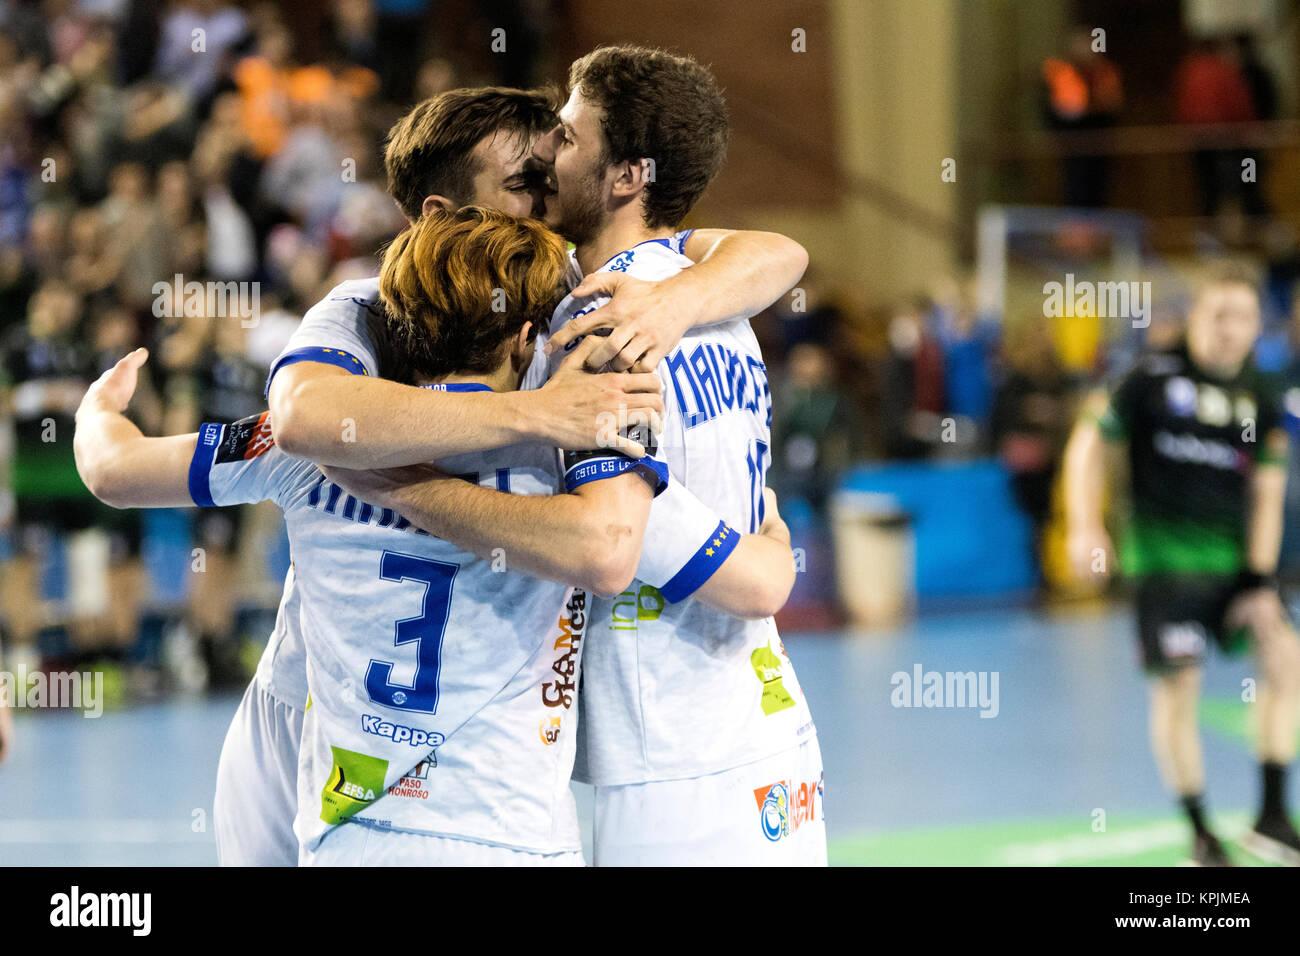 León, España. 16 dic, 2017. Los jugadores del Ademar León celebra su victoria durante el partido Imagen De Stock